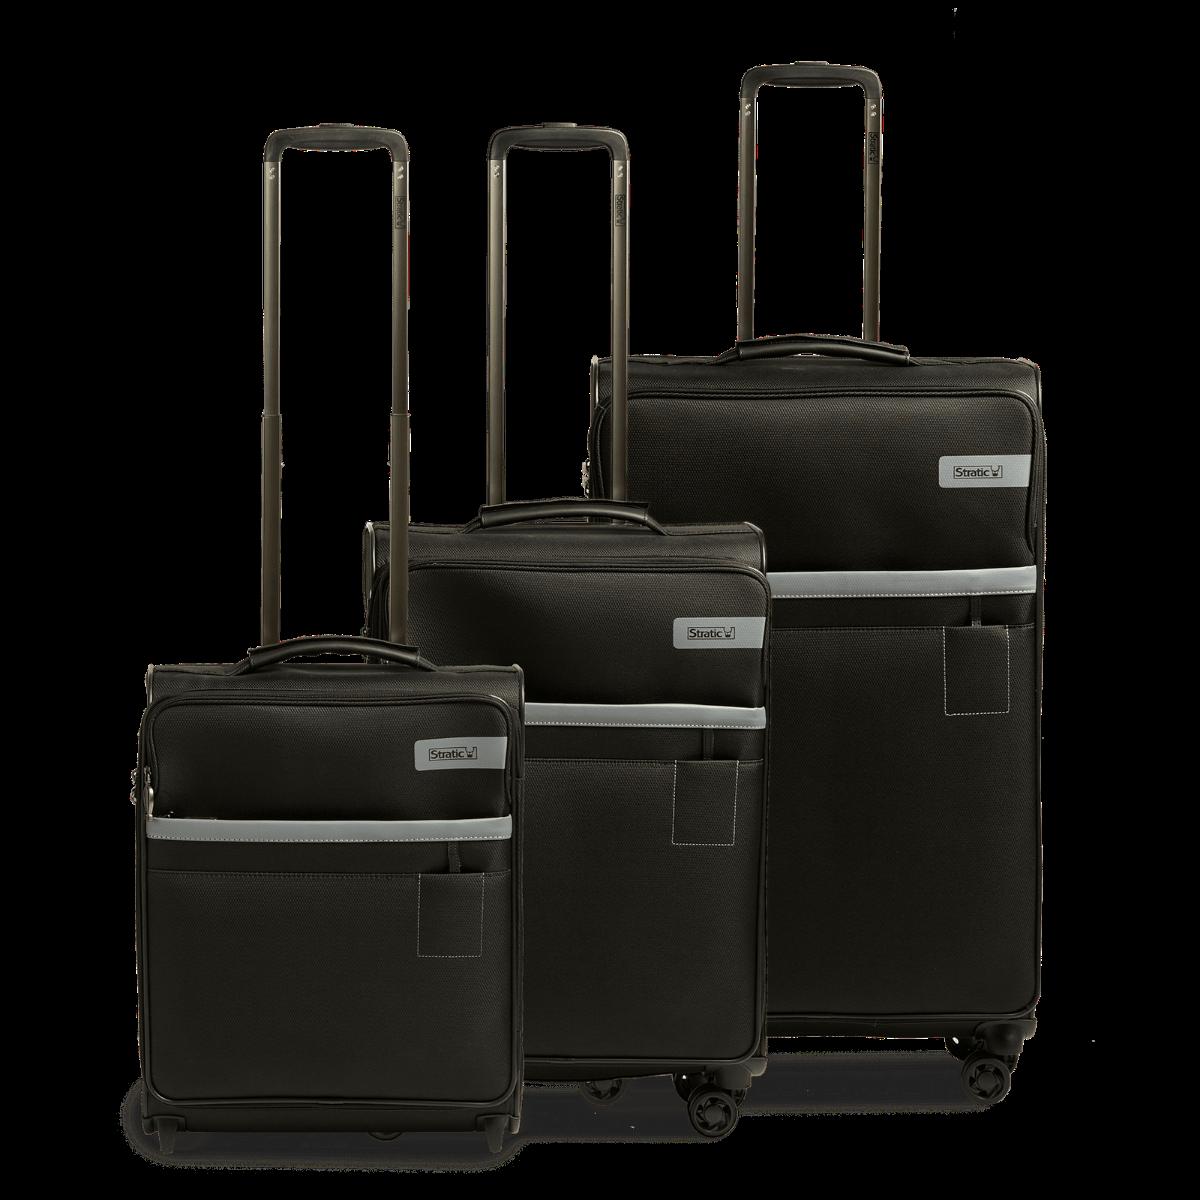 3-tlg. Weichschalen-Koffer-Set mit 4 Rollen, Stratic Light - Black